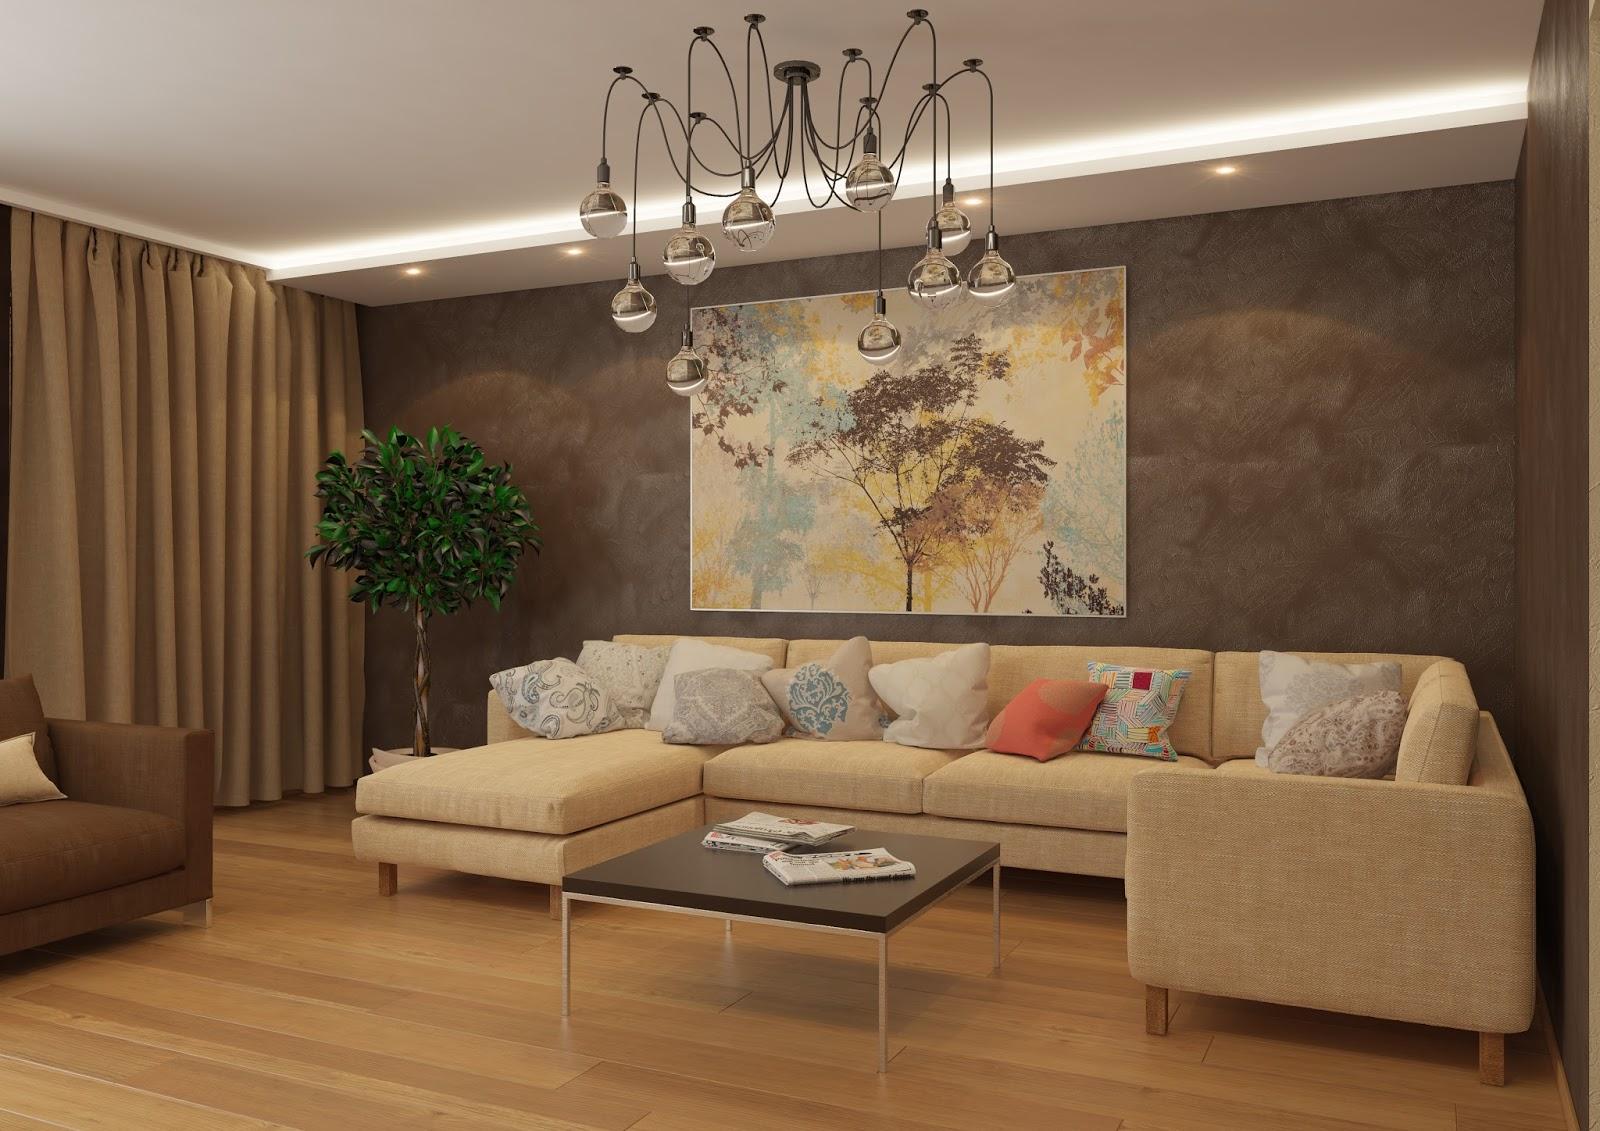 широко простирает картинки обоев за диваном конструкции сообщаются